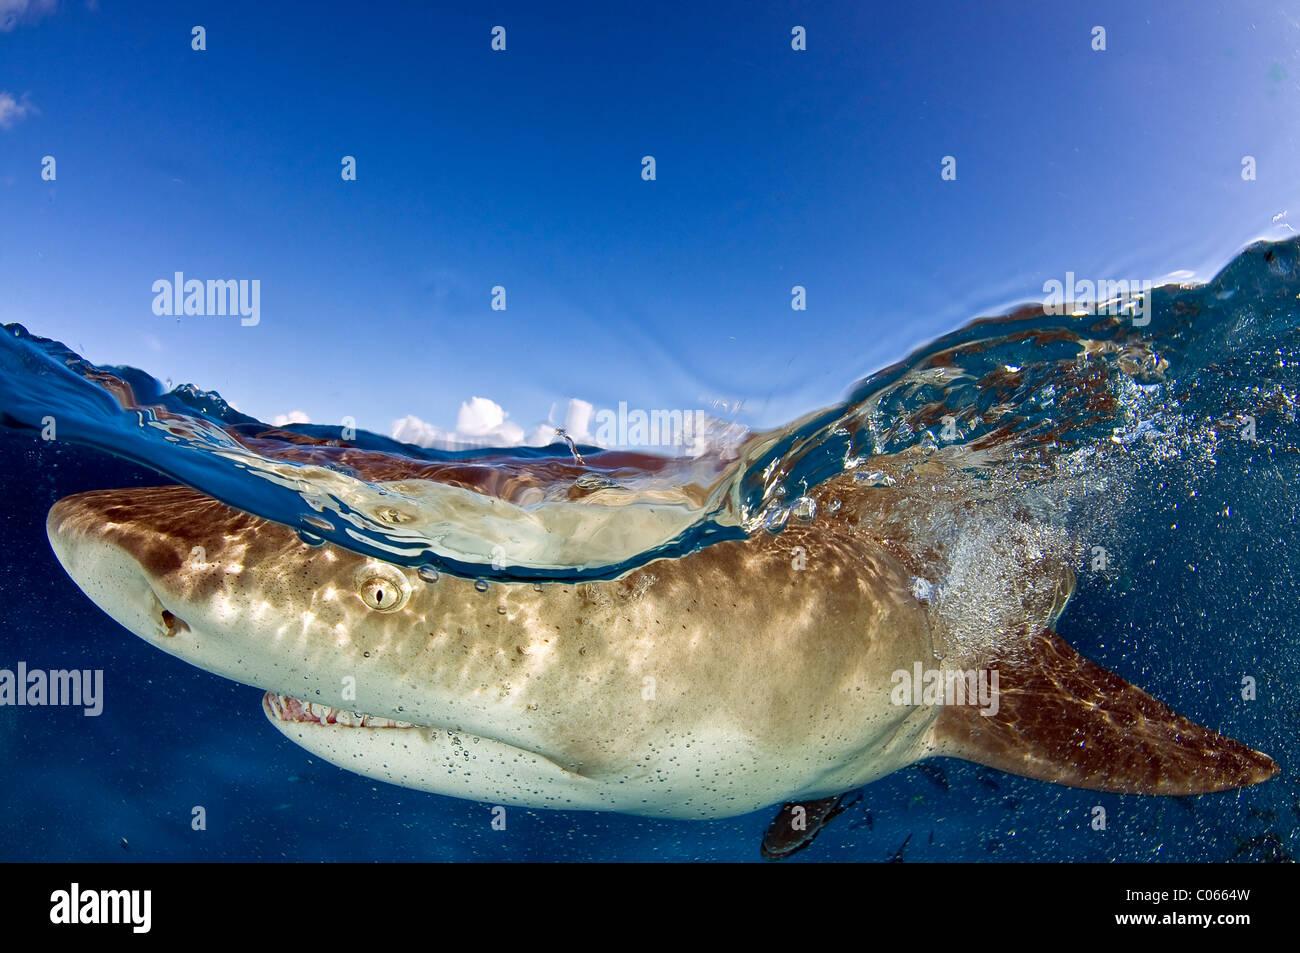 Lo squalo limone nuotano vicino alla superficie, Bahamas Immagini Stock